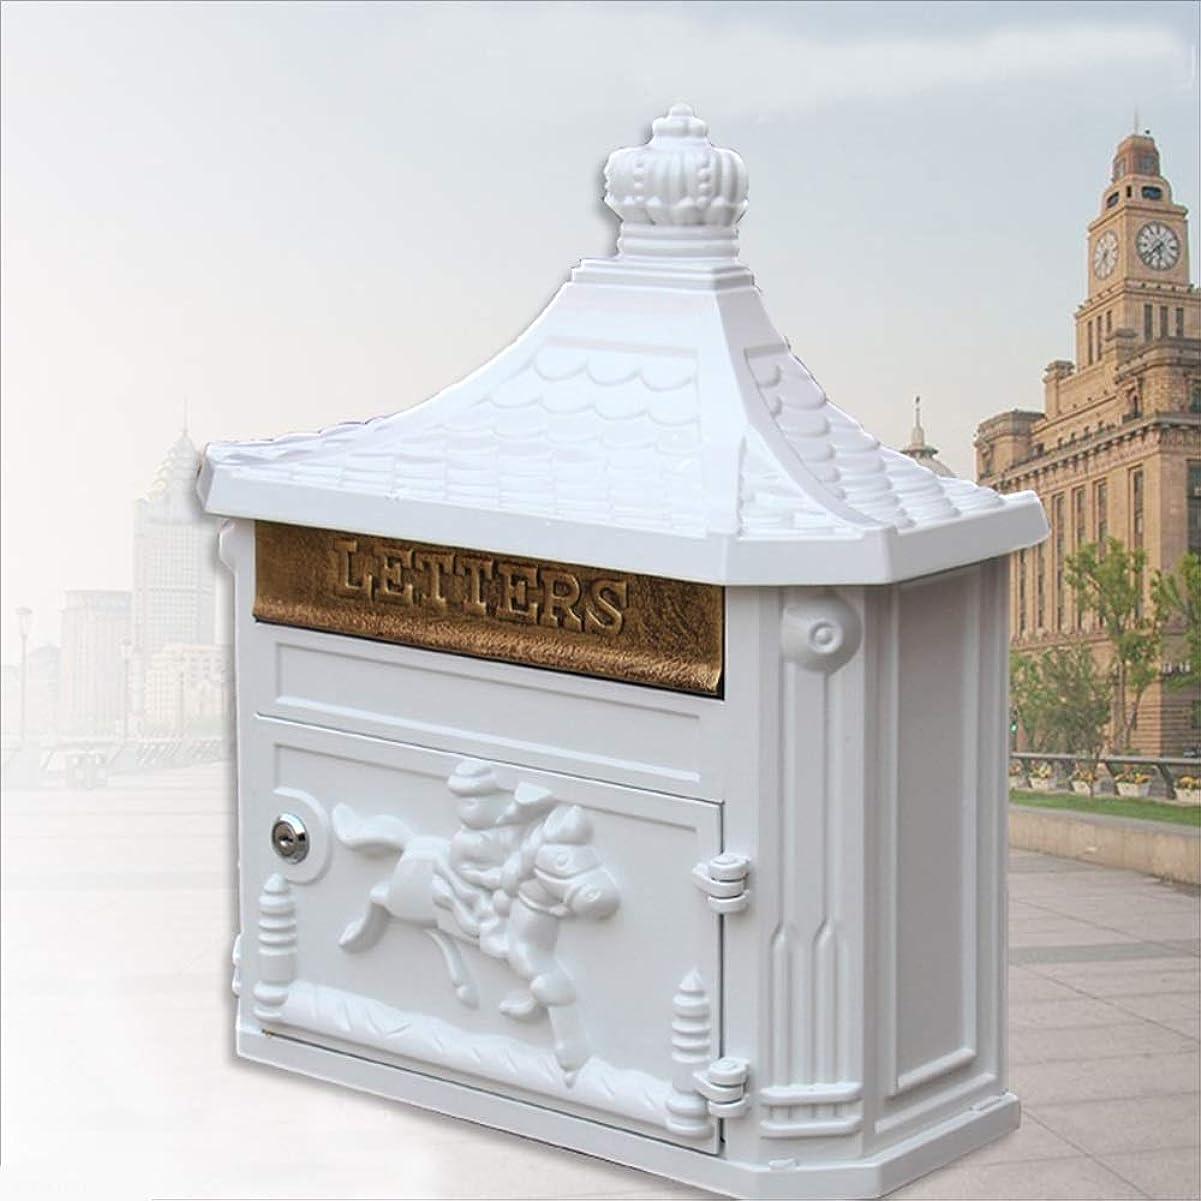 ボウルヒント狐メールボックスのロック壁掛け垂直 郵便箱 - 亜鉛メッキシート、レトロ創造的なヨーロッパの家庭の屋外ウォールマウントされた防水とレインフォールレターボックス、ヴィラ、中庭、家庭に適して - 利用可能な4色 (色 : 白)